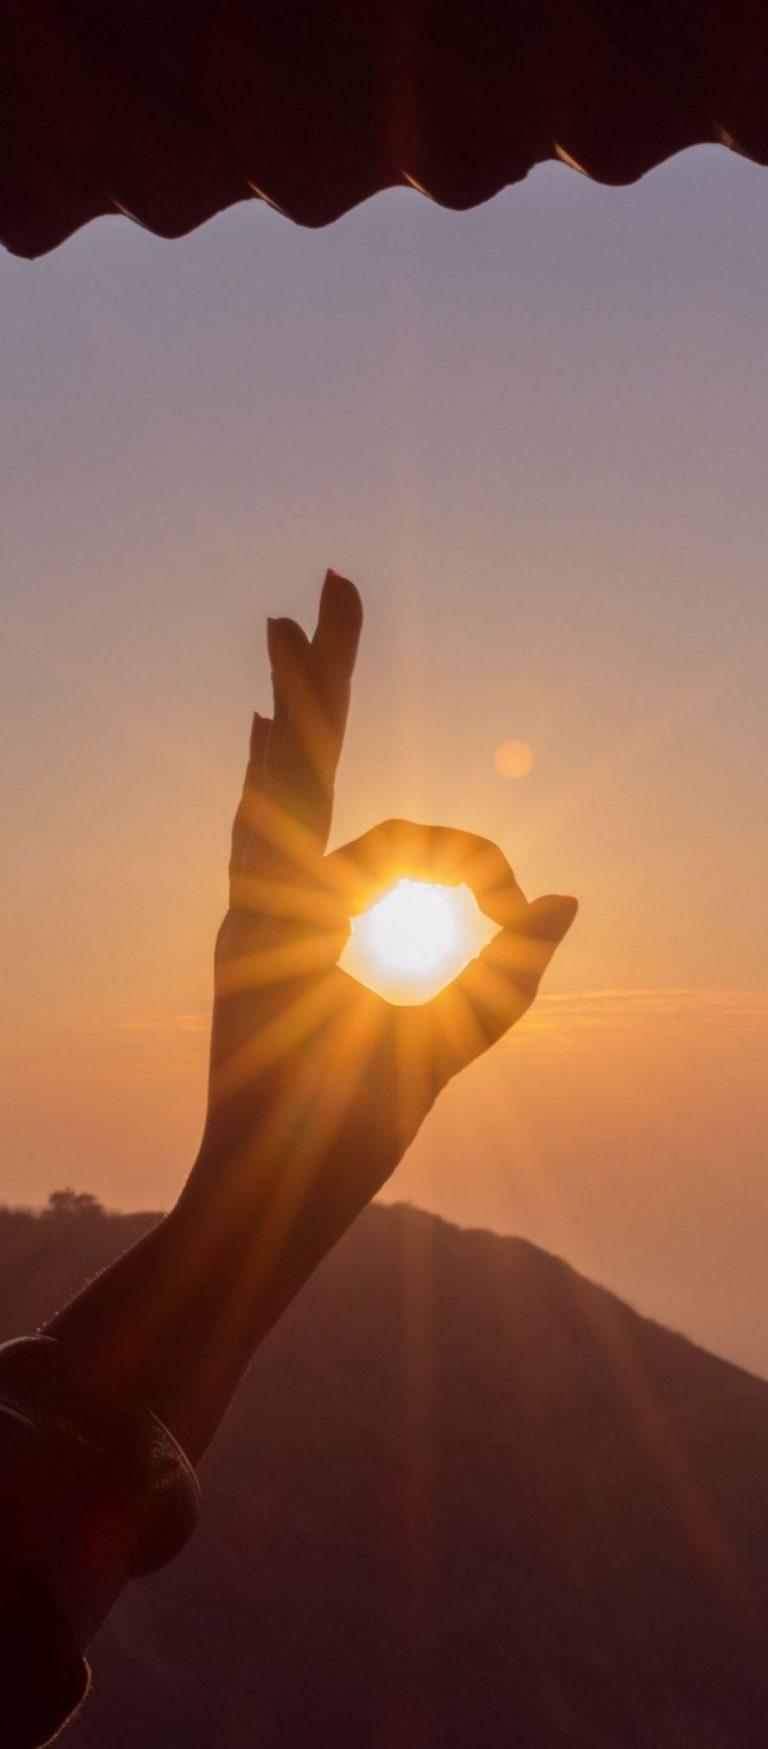 Hand Sun Rays Nature 1080x2460 768x1749